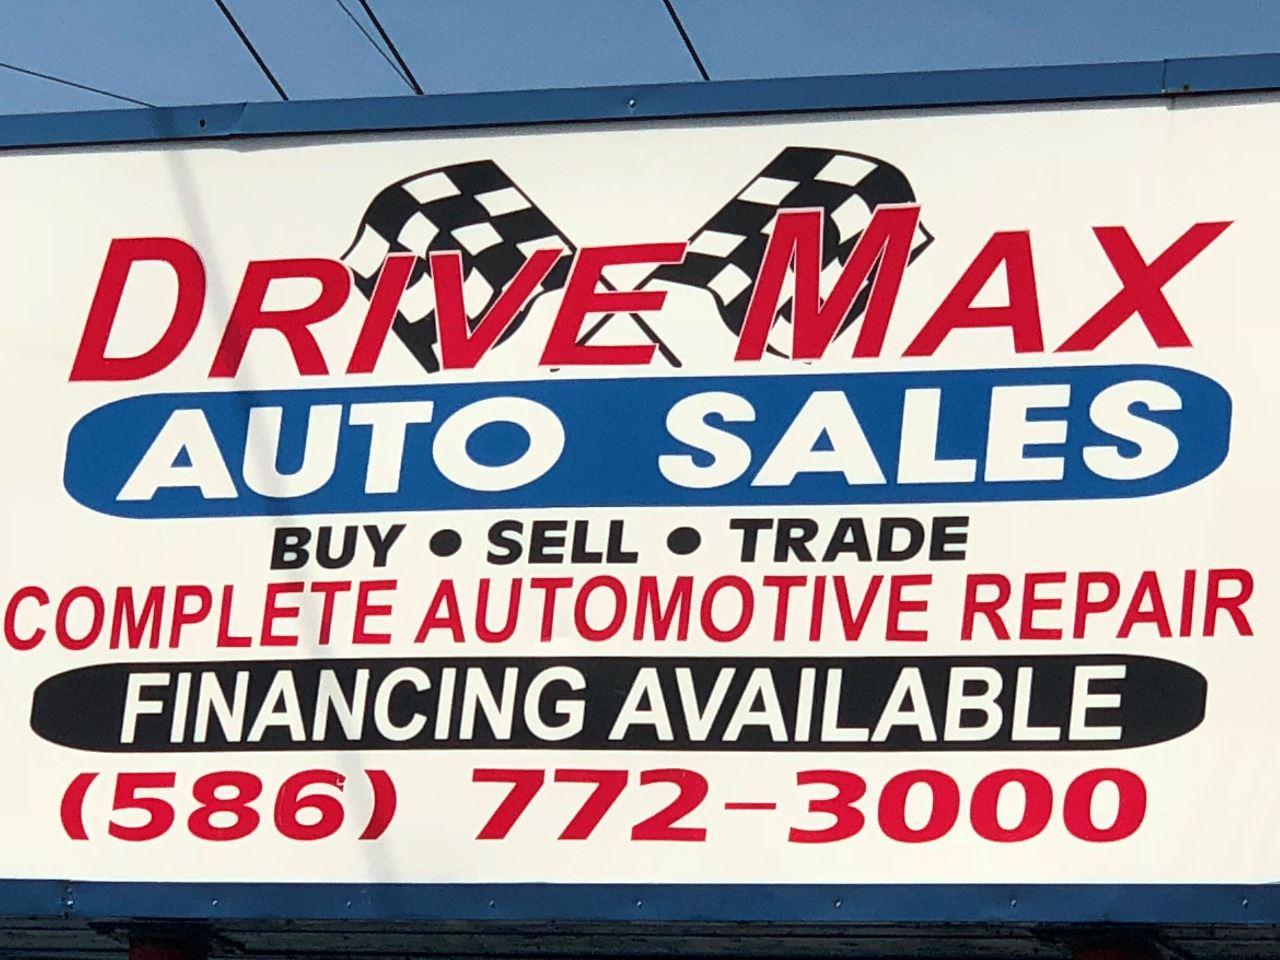 Drive Max Auto Sales